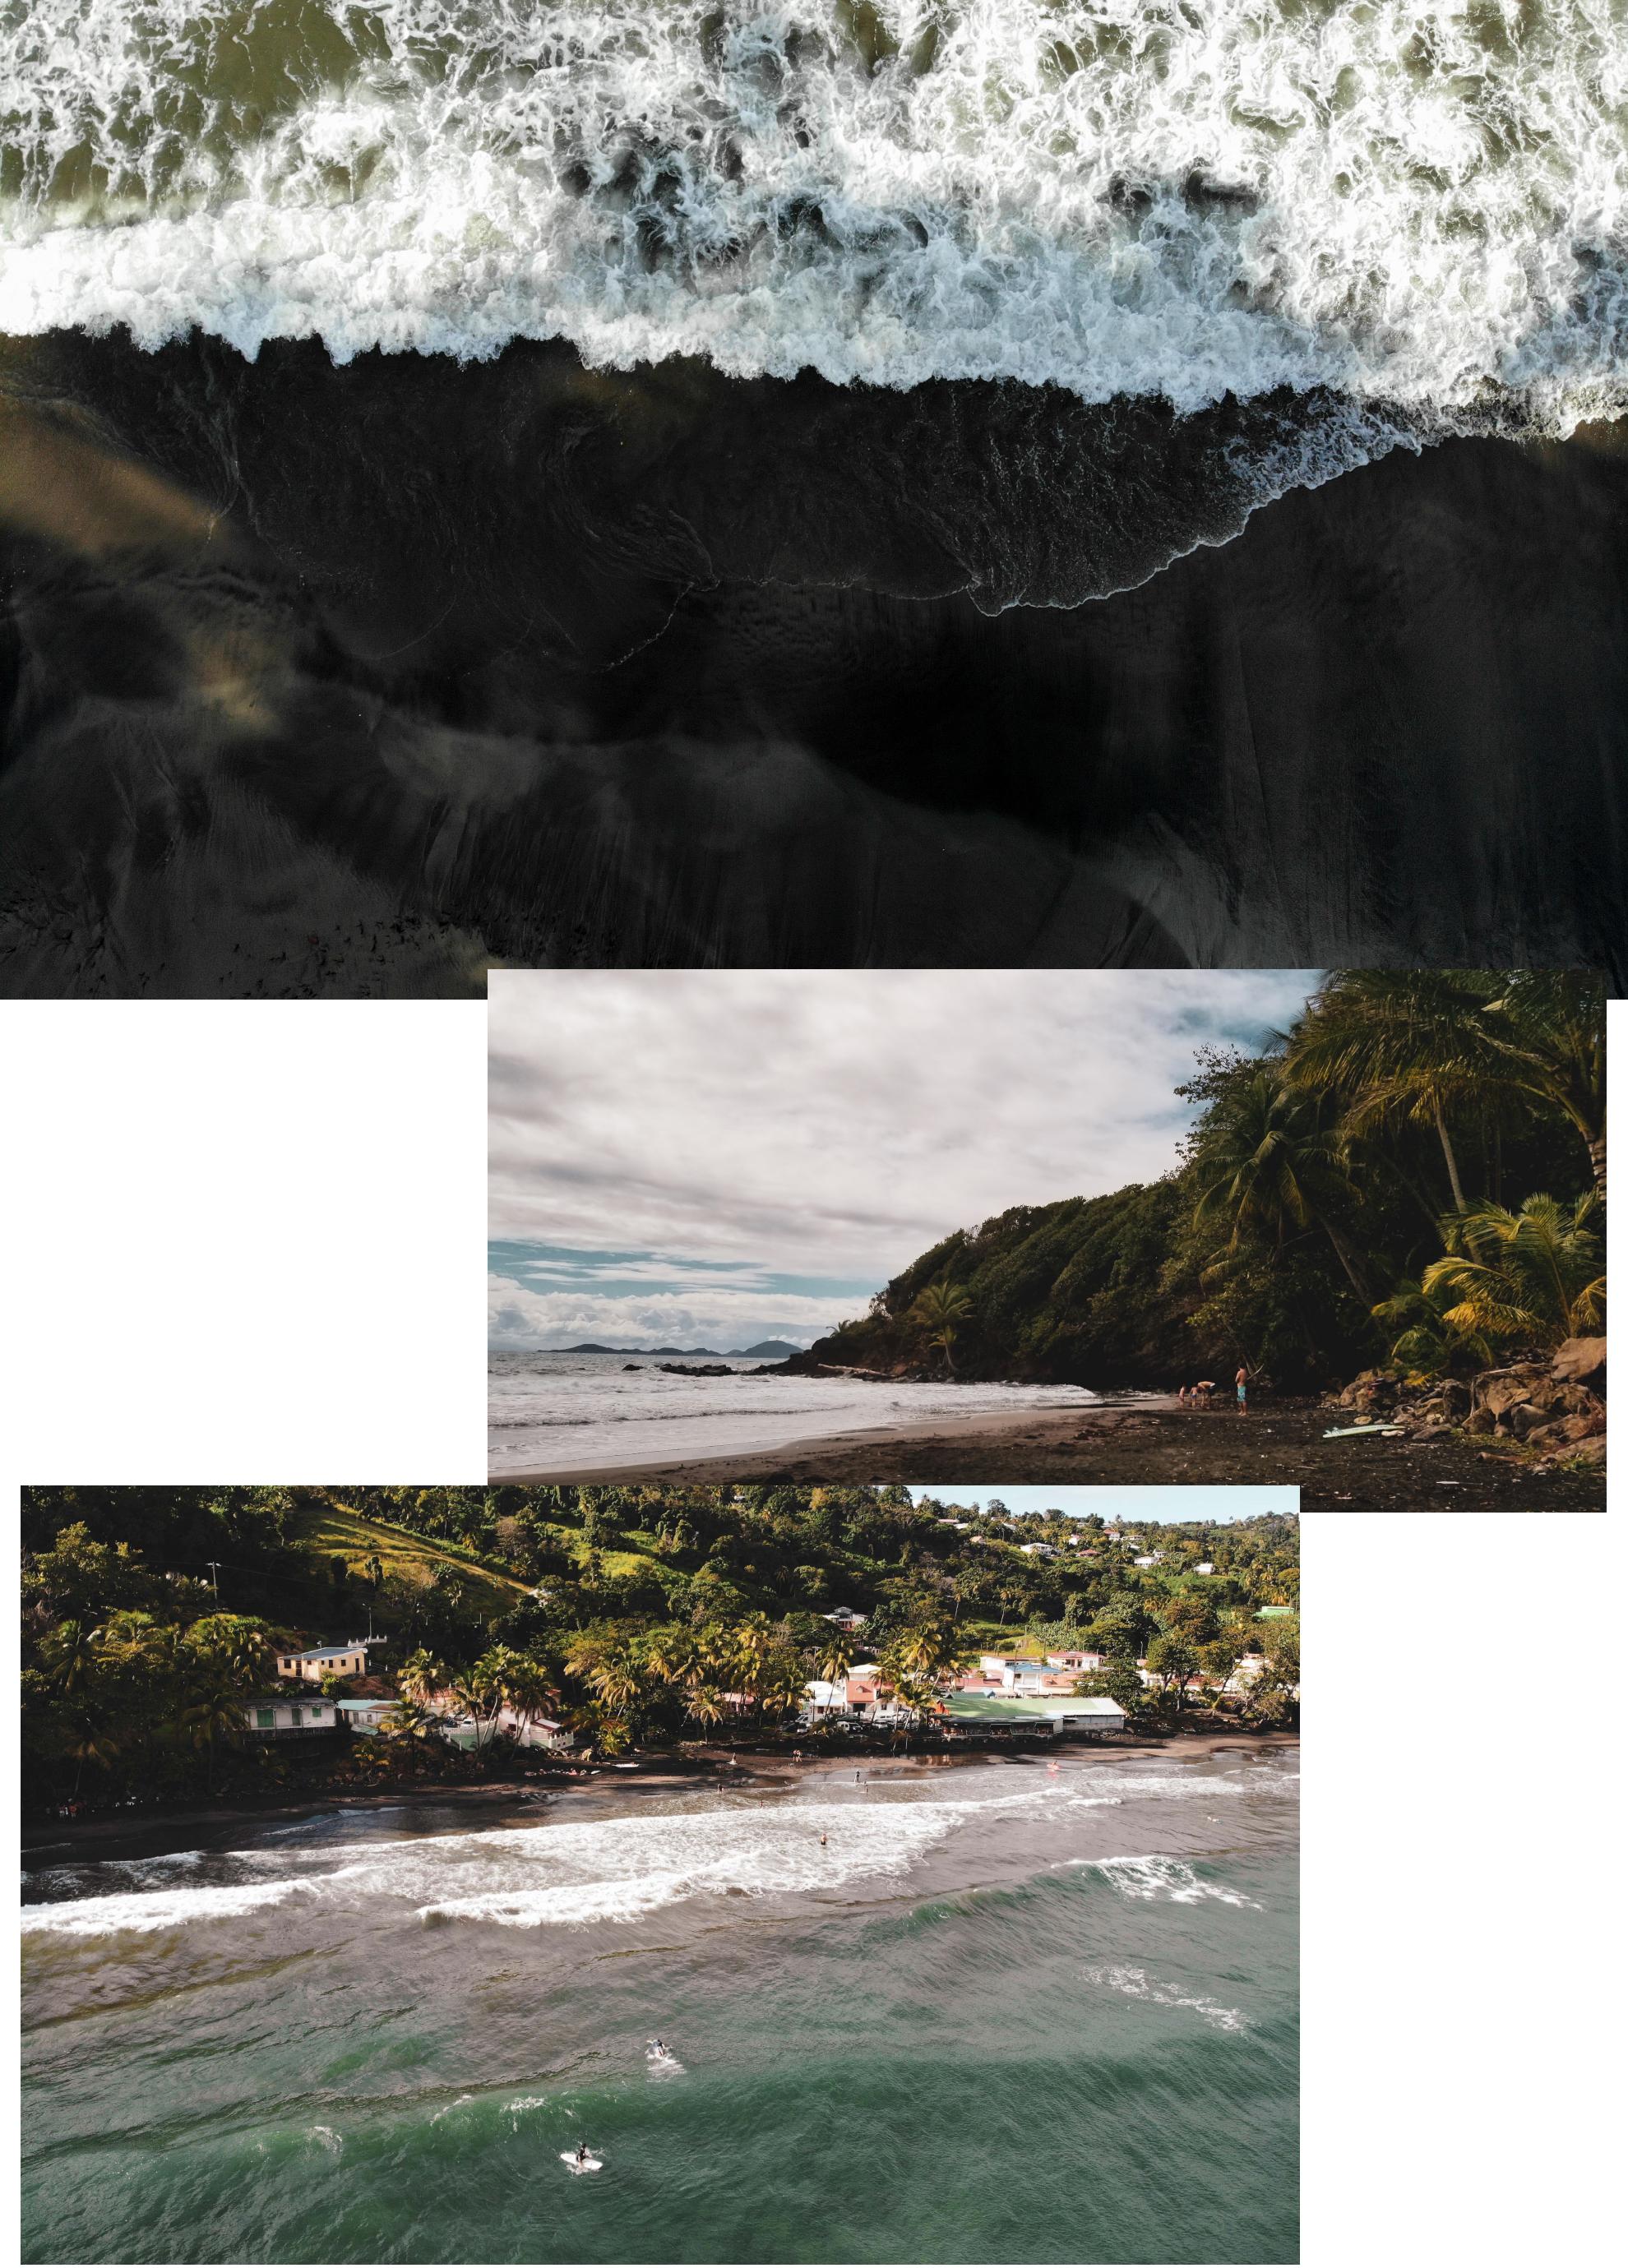 La Plage de sable noir du Bananier par Côté Hublot, Guadeloupe